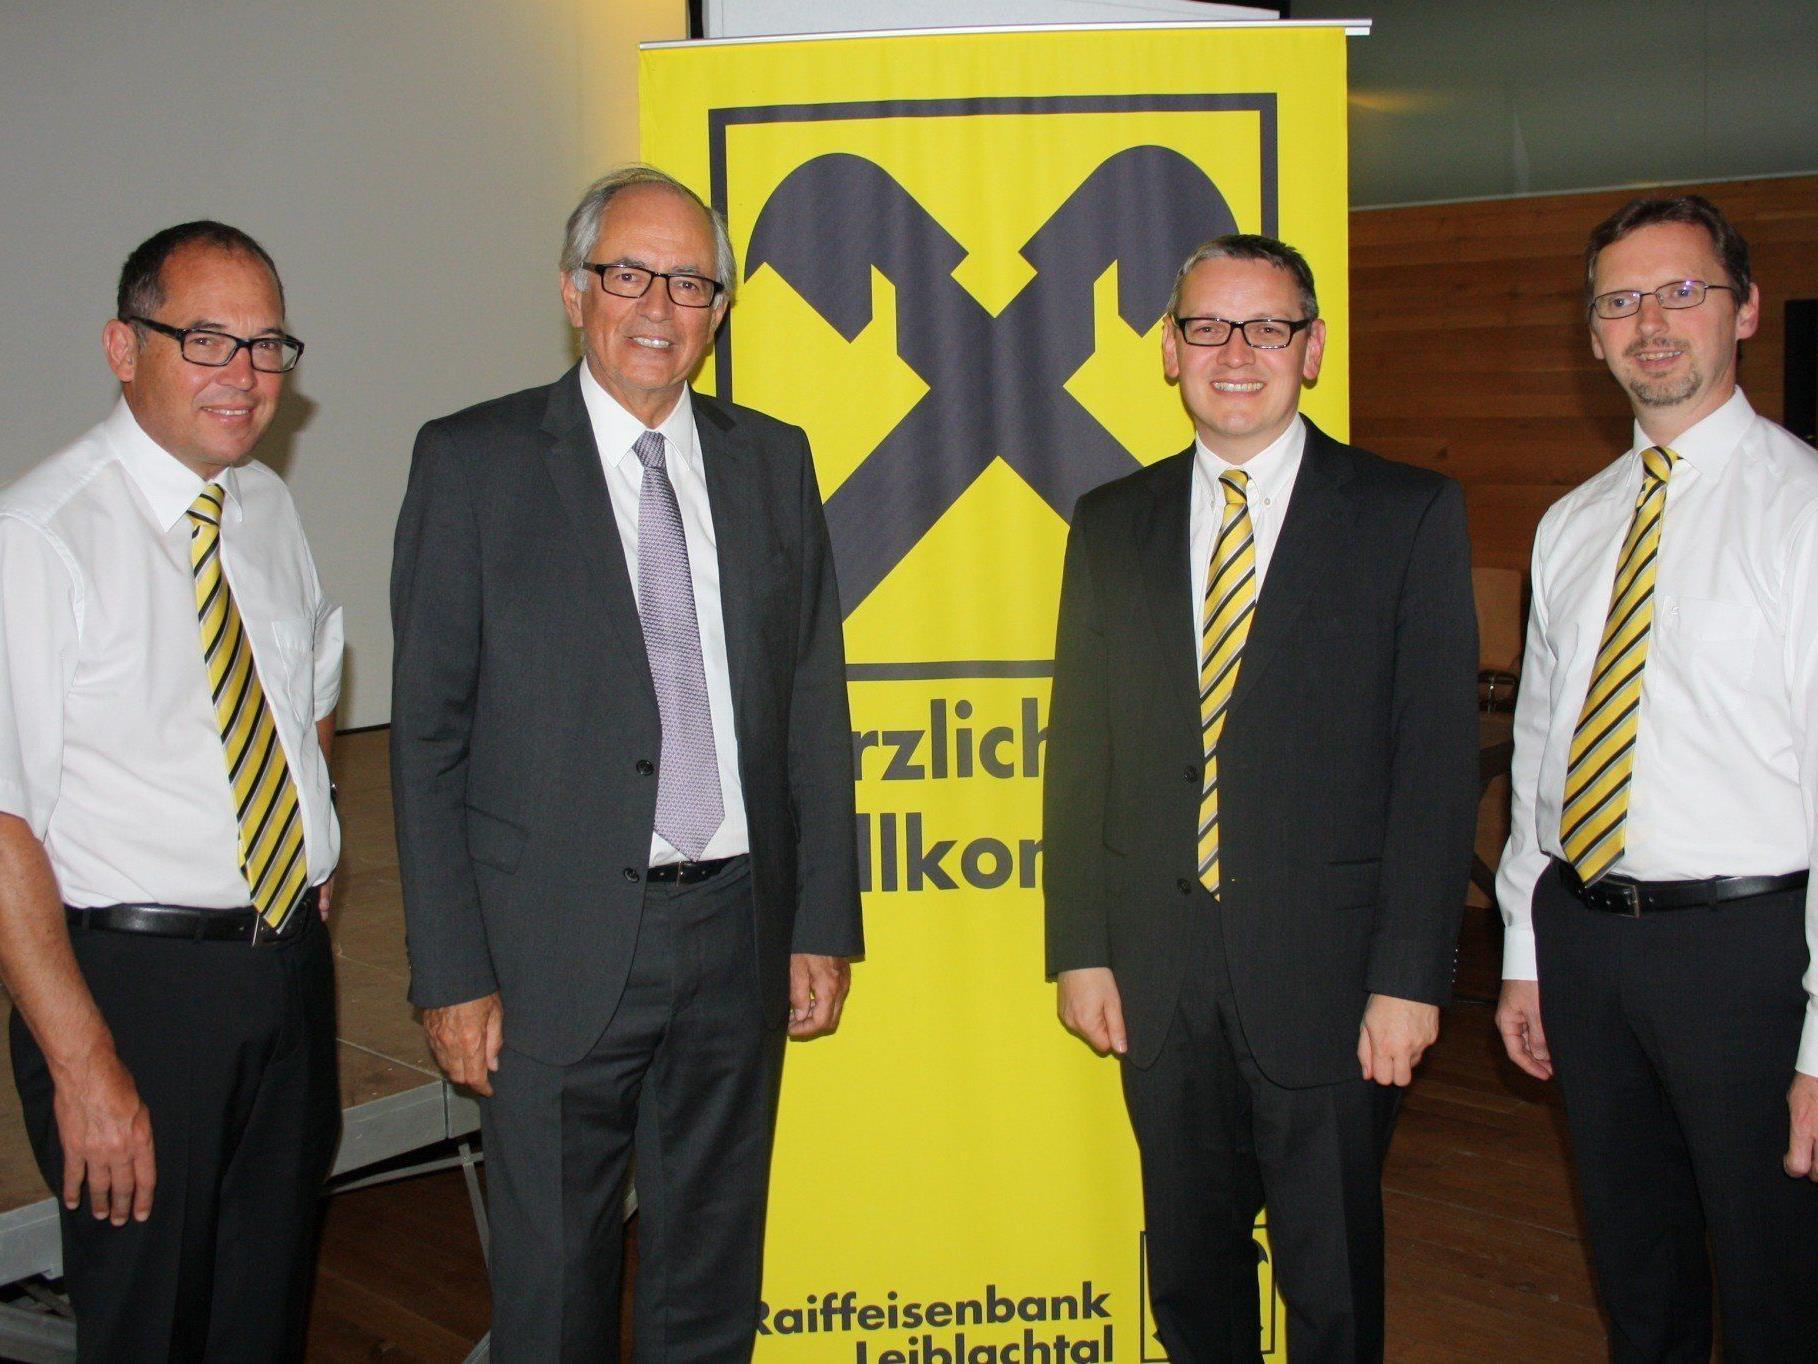 Dir. Gustav Kathrein, Notar Dr. E. Michel, Bankstellenleiter Norbert Hehle (Lochau) und Dir. Hubert Gieselbrecht.